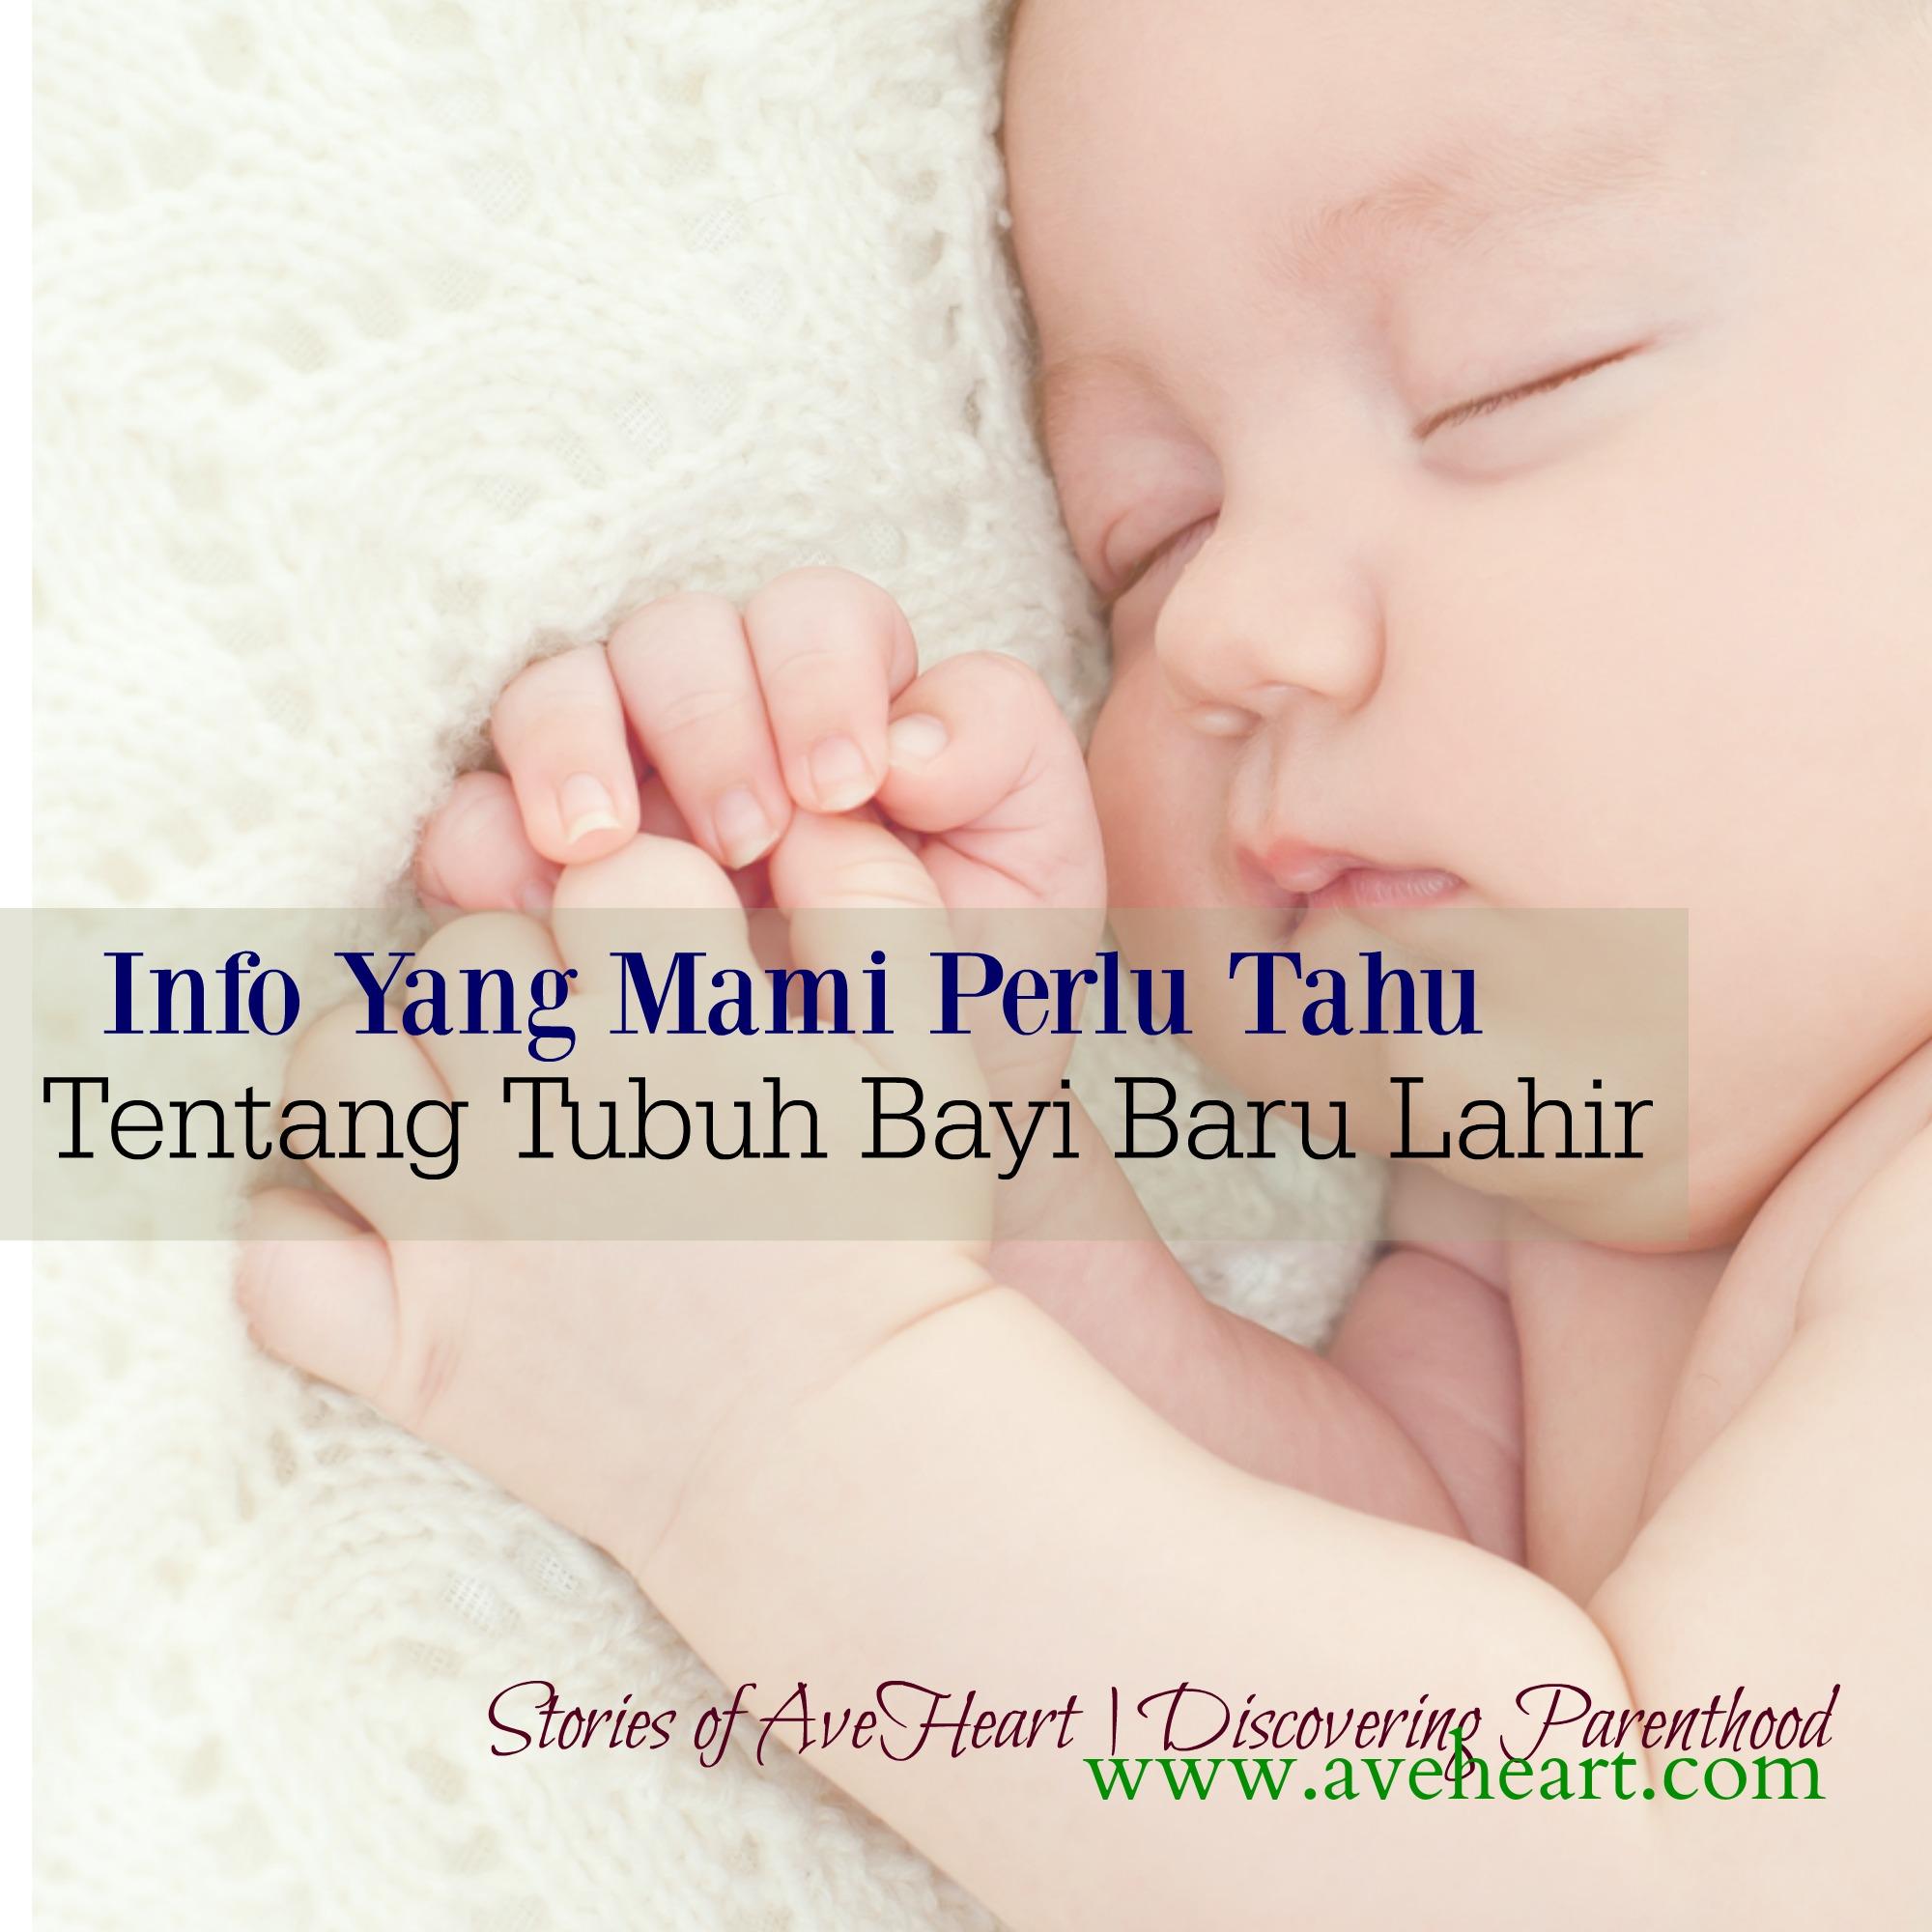 Info Yang Mami Perlu Tahu Tentang Tubuh Bayi Baru Lahir